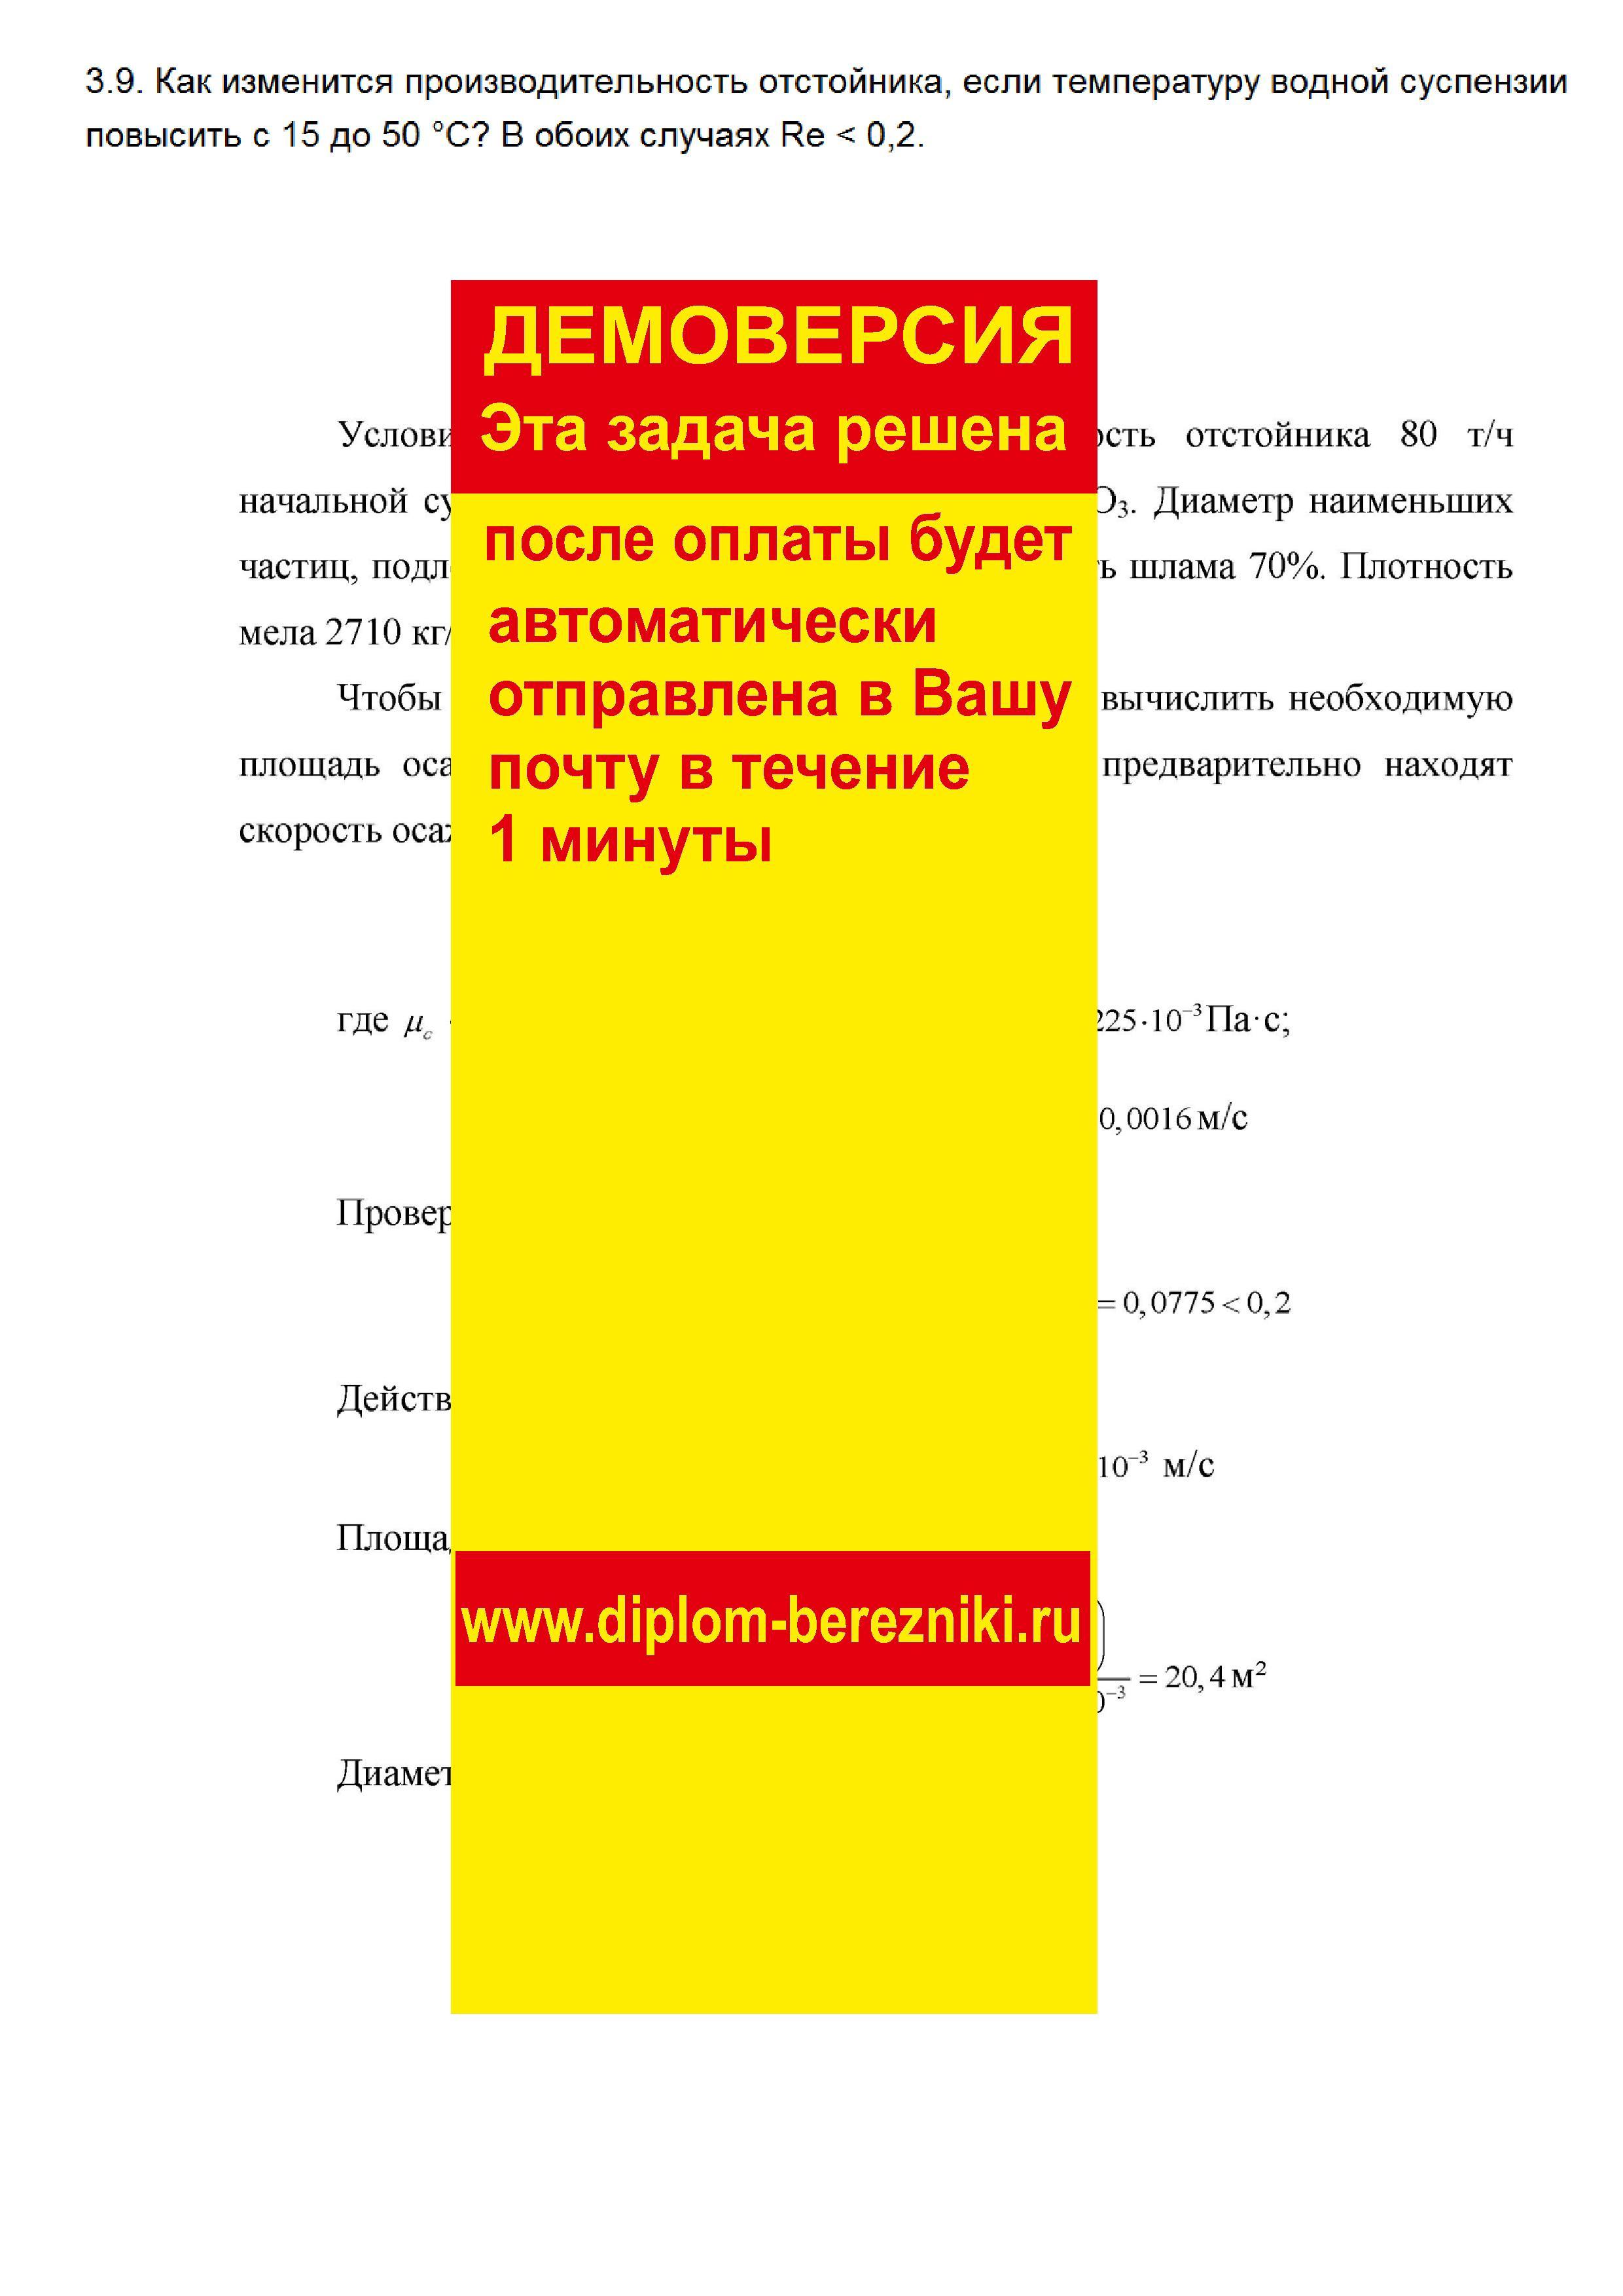 Решение задачи 3.9 по ПАХТ из задачника Павлова Романкова Носкова